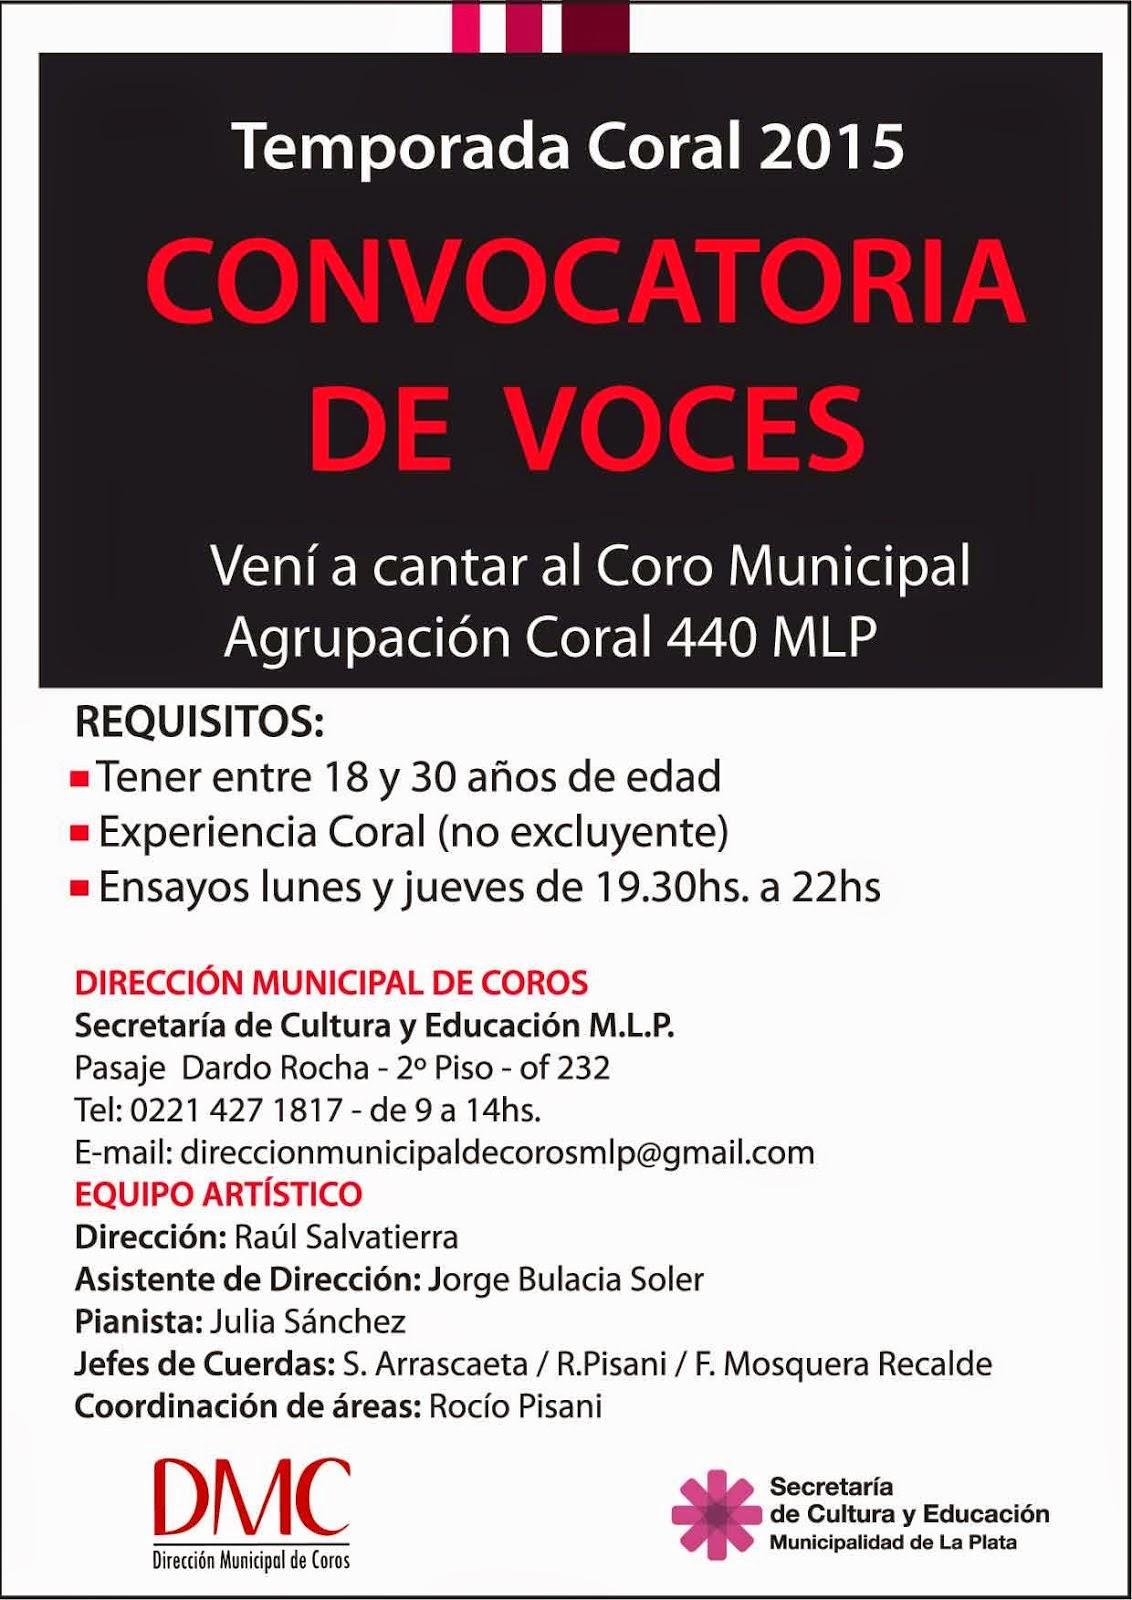 CONVOCATORIA DE VOCES